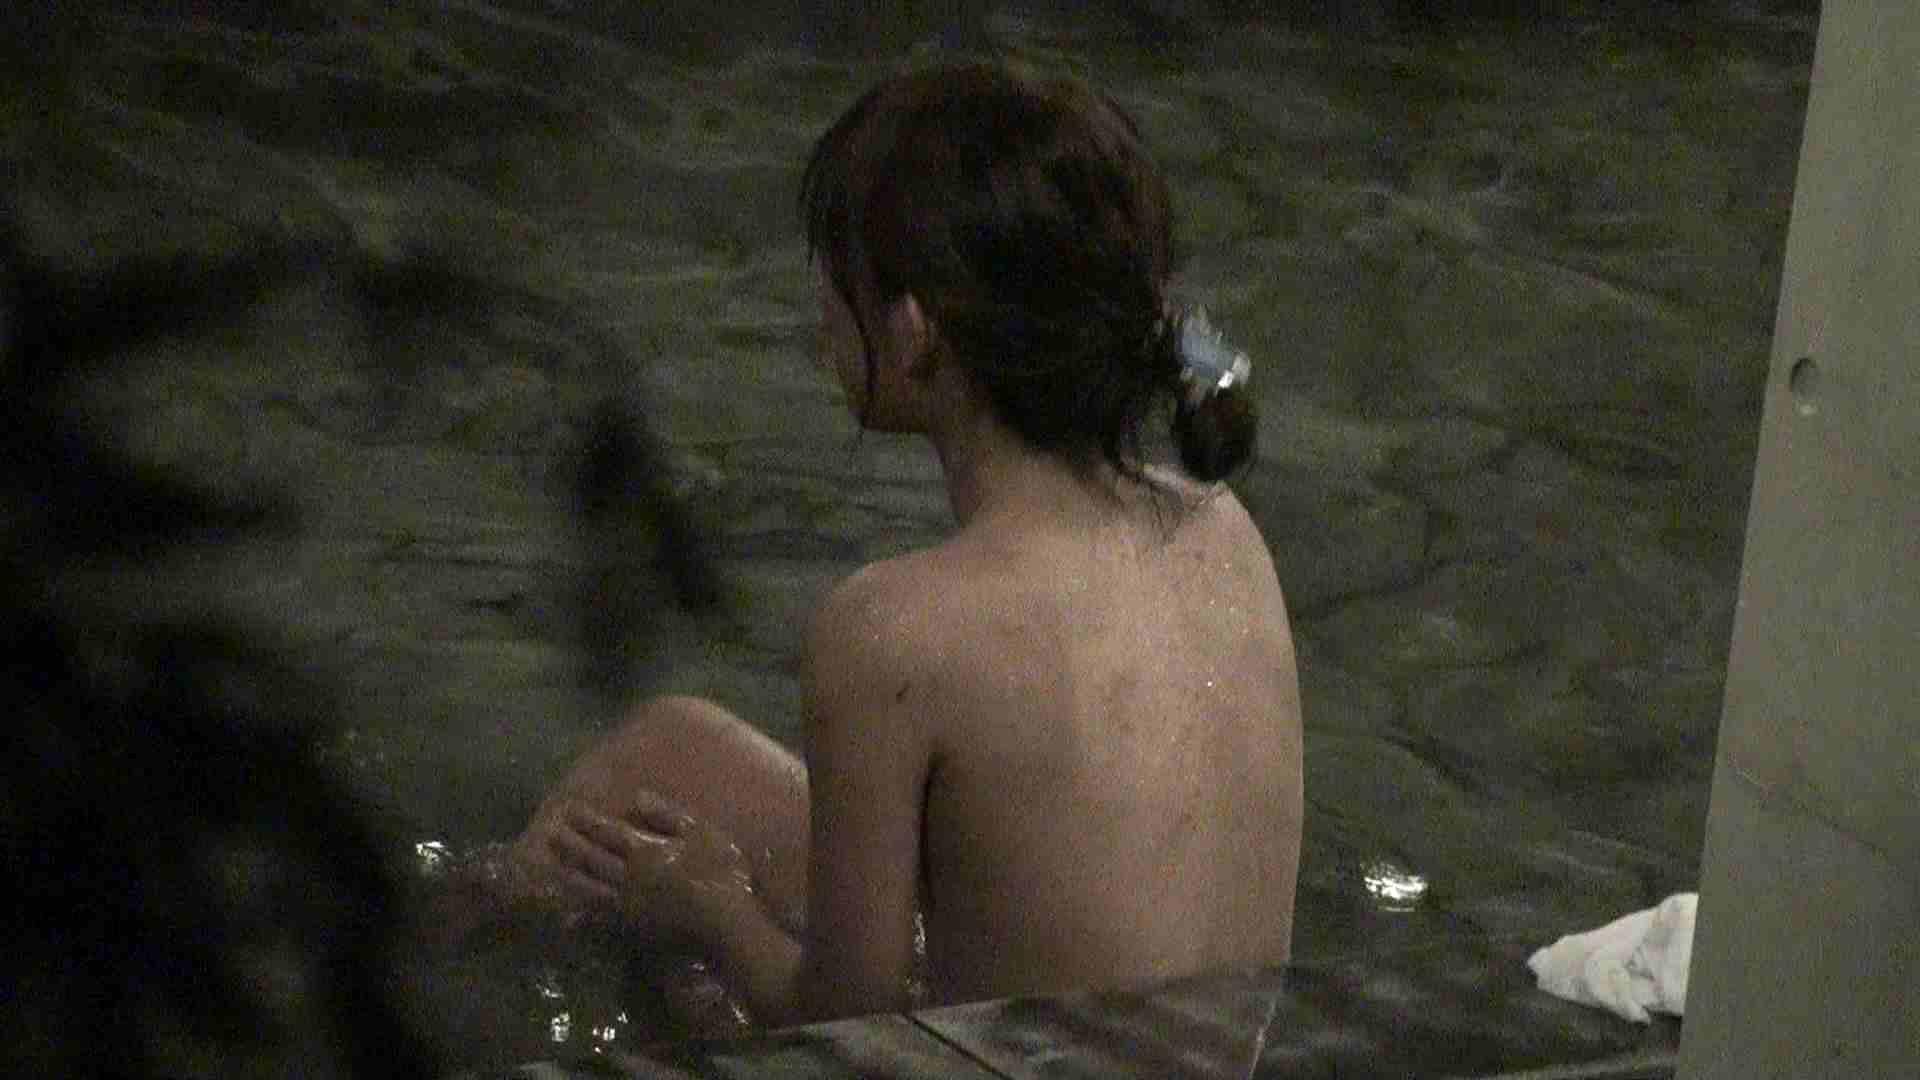 Aquaな露天風呂Vol.417 露天 | 盗撮  54pic 48